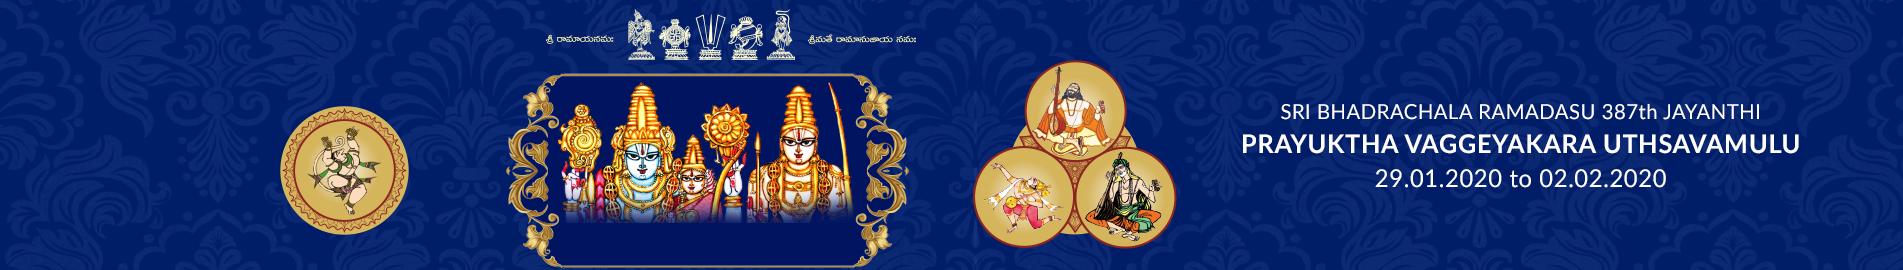 bhadrachala ramadasu keerthanalu mp3 free download